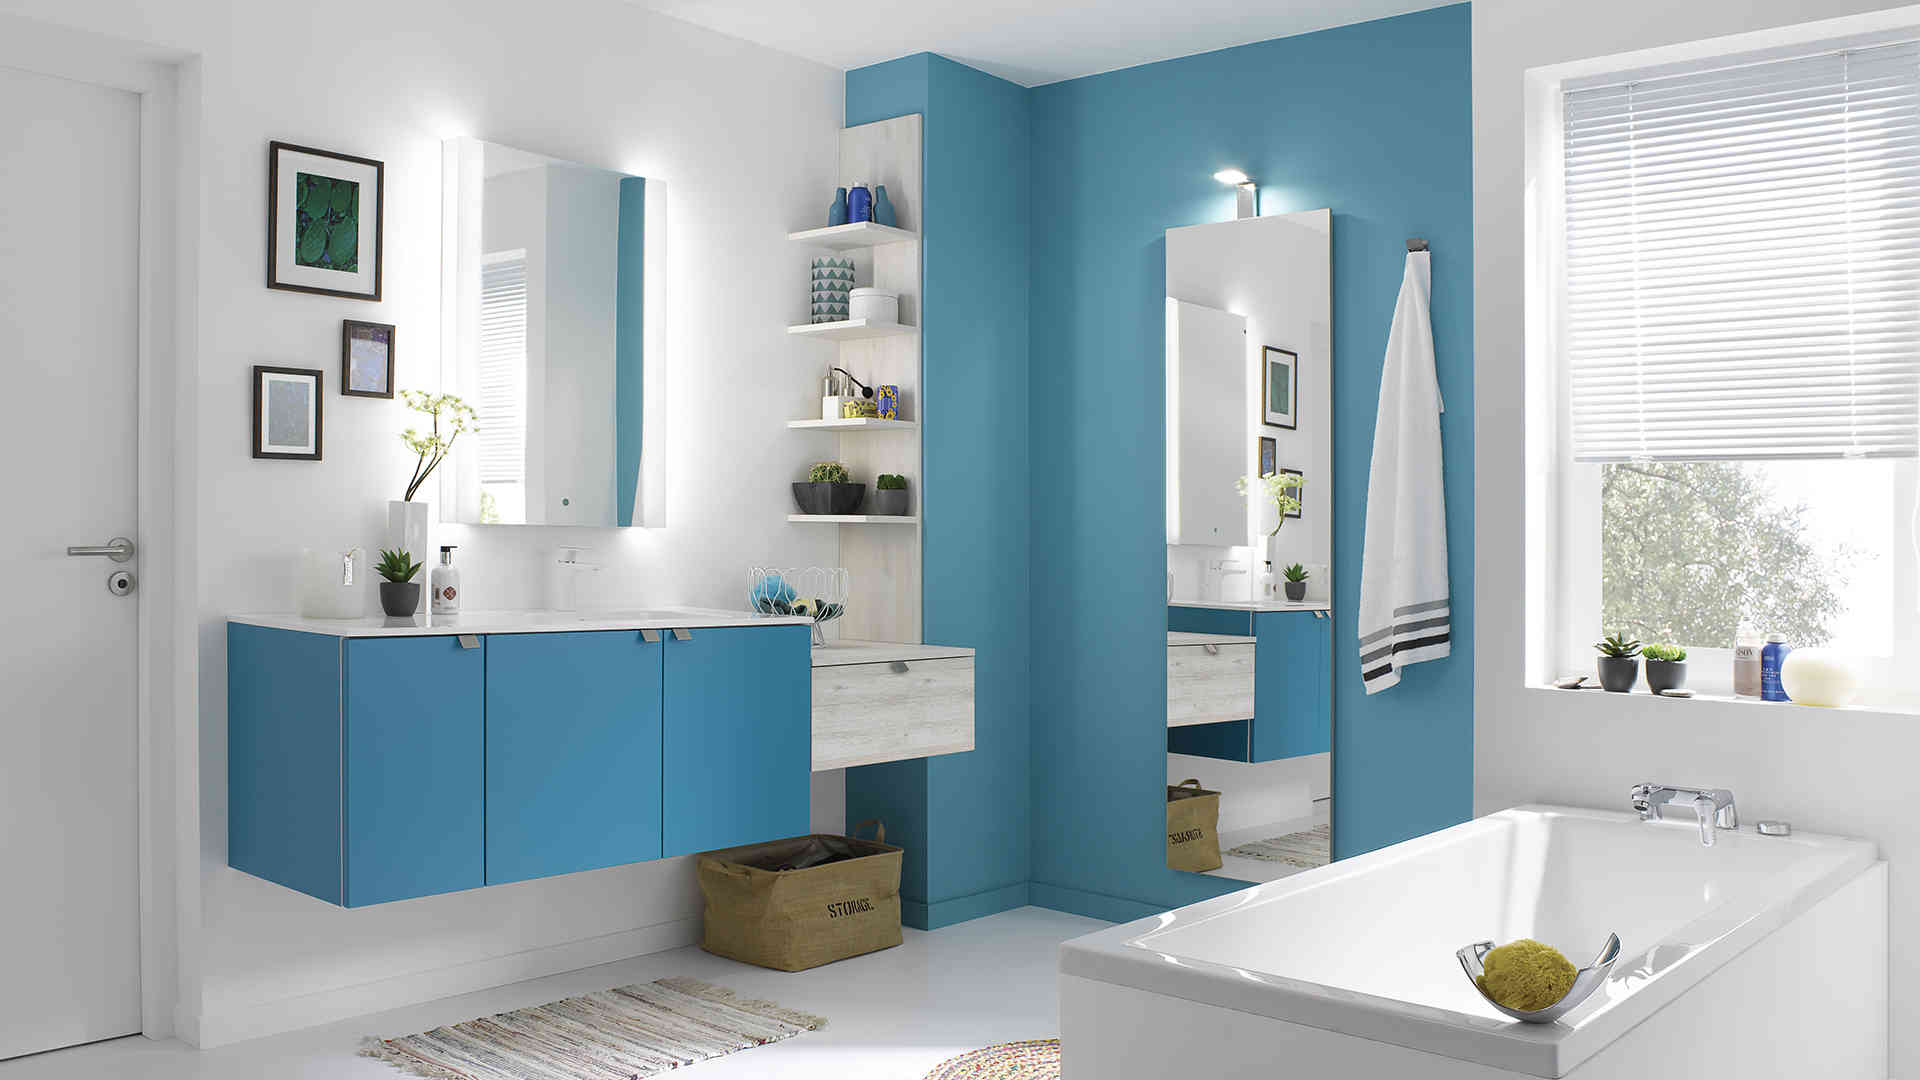 Aménager Sa Salle De Bain Quelques Conseils Efficaces - Comment aménager sa salle de bain